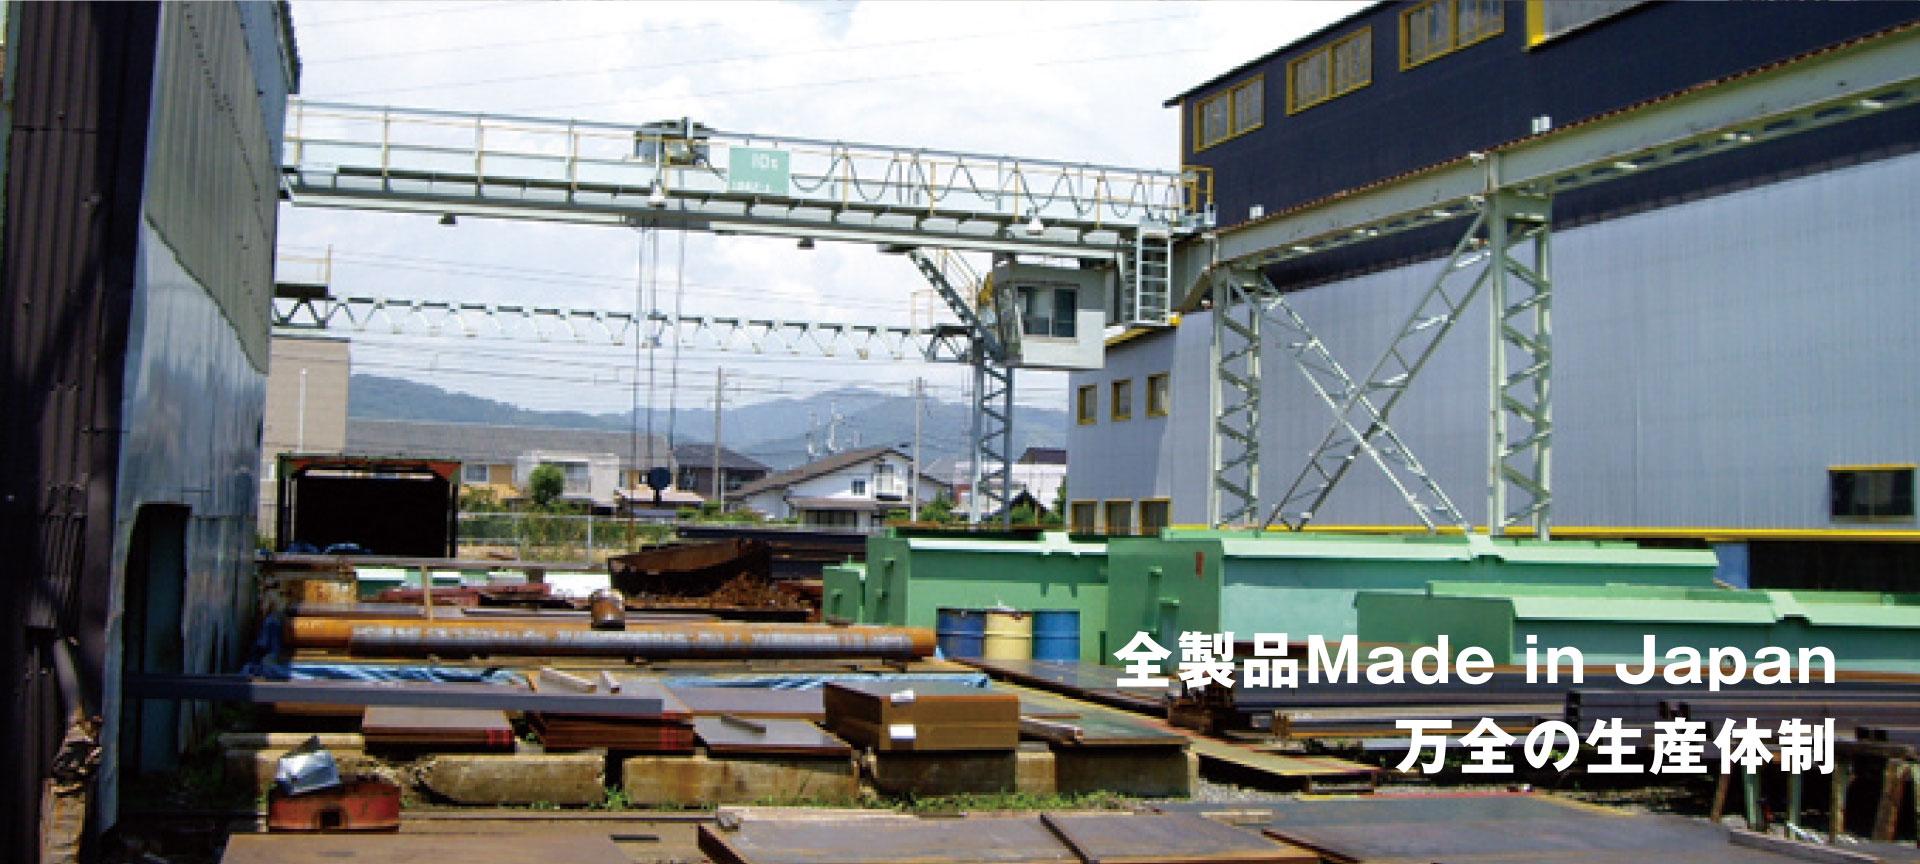 山口県下松市金井金属工業 全製品MADE IN JAPAN  万全の生産体制